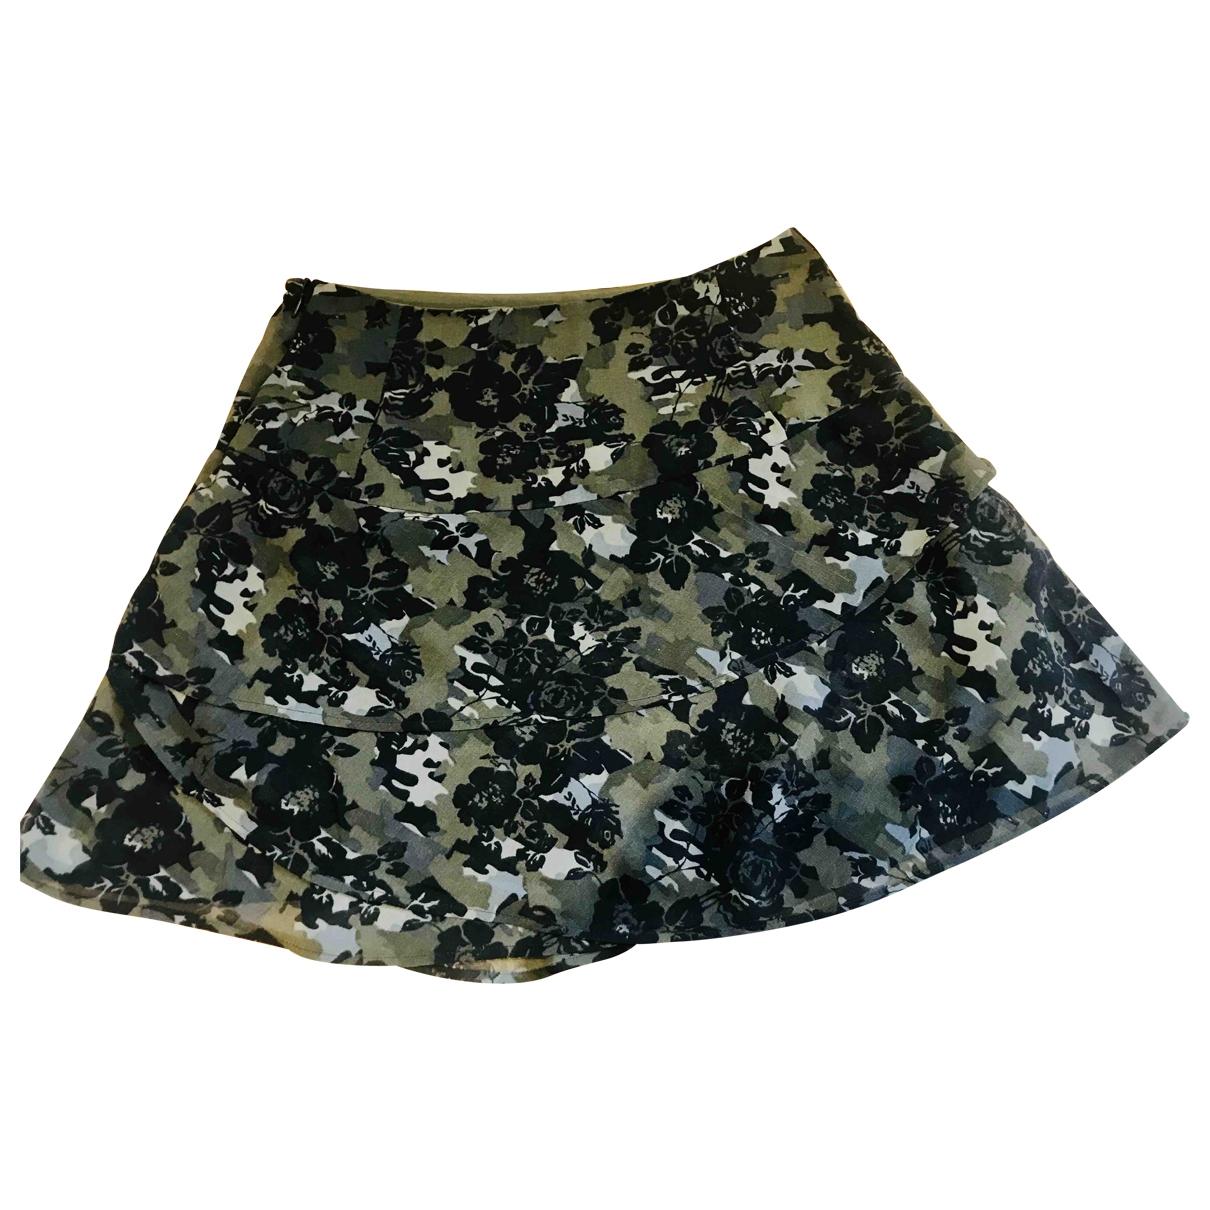 Ikks \N Khaki skirt for Women 36 FR